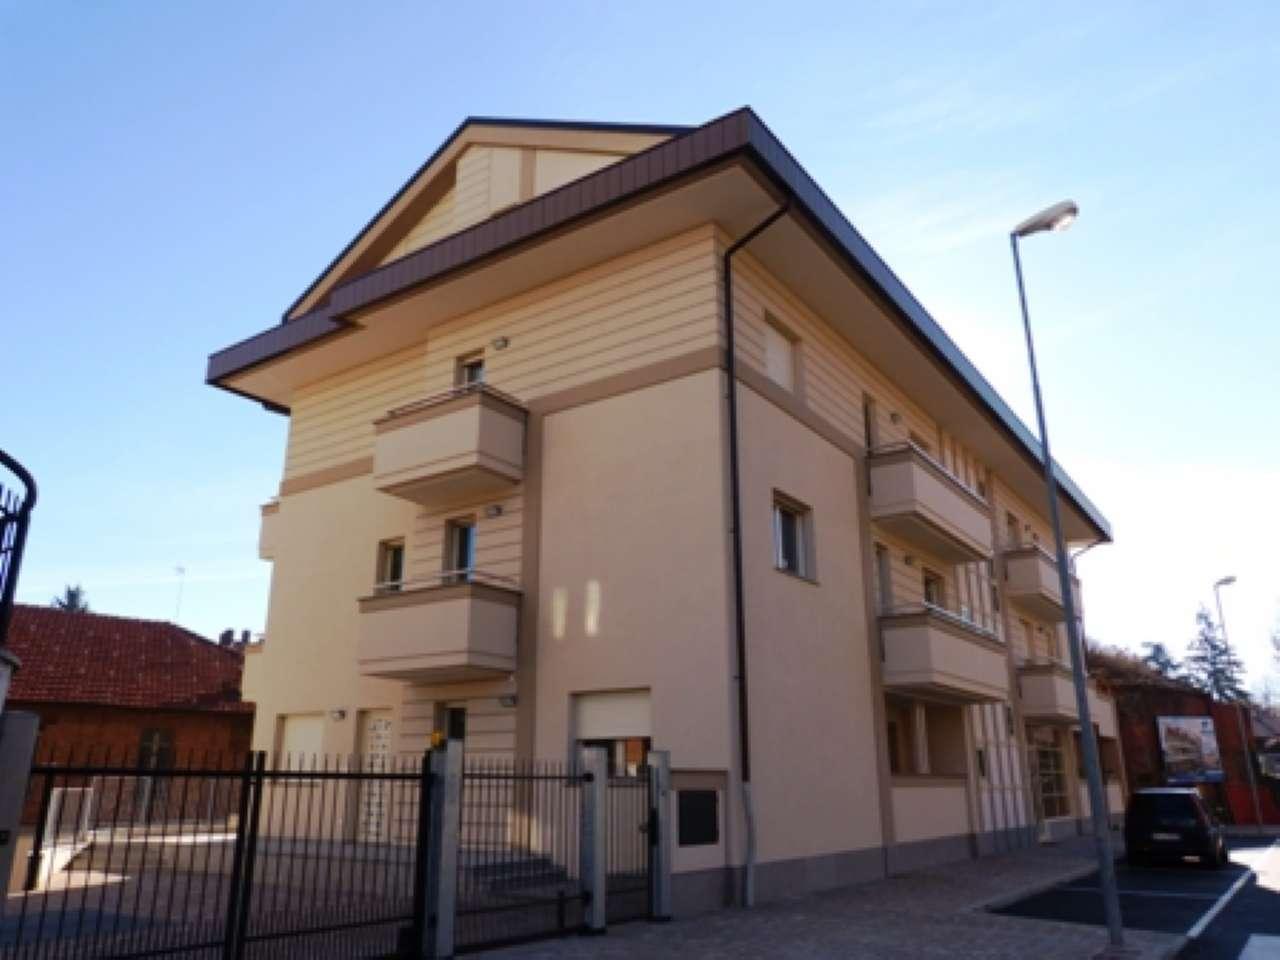 Appartamento in affitto a Fossano, 2 locali, prezzo € 450 | CambioCasa.it